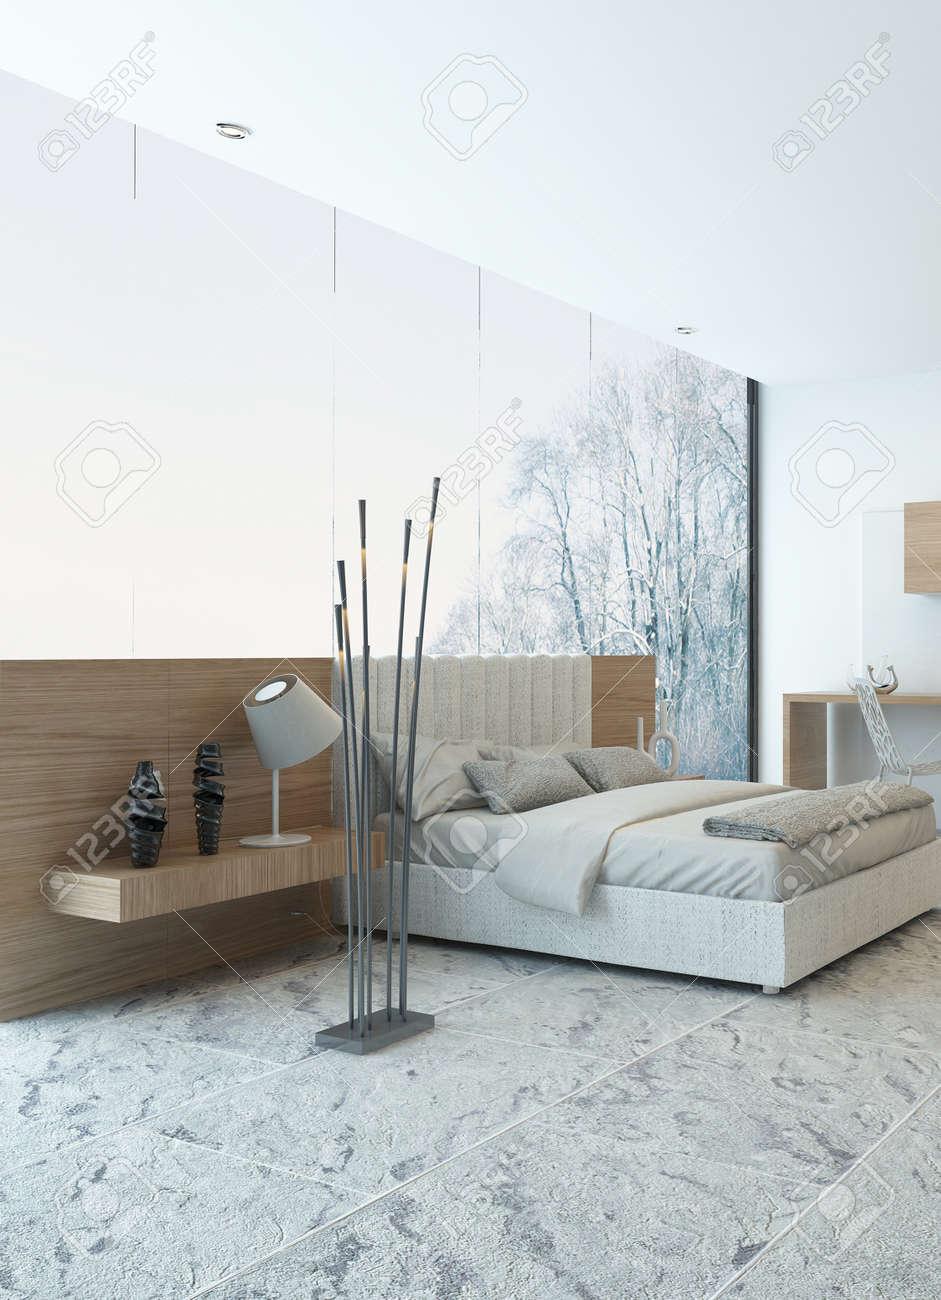 Intérieur Belle chambre confortable avec un lit en bois moderne